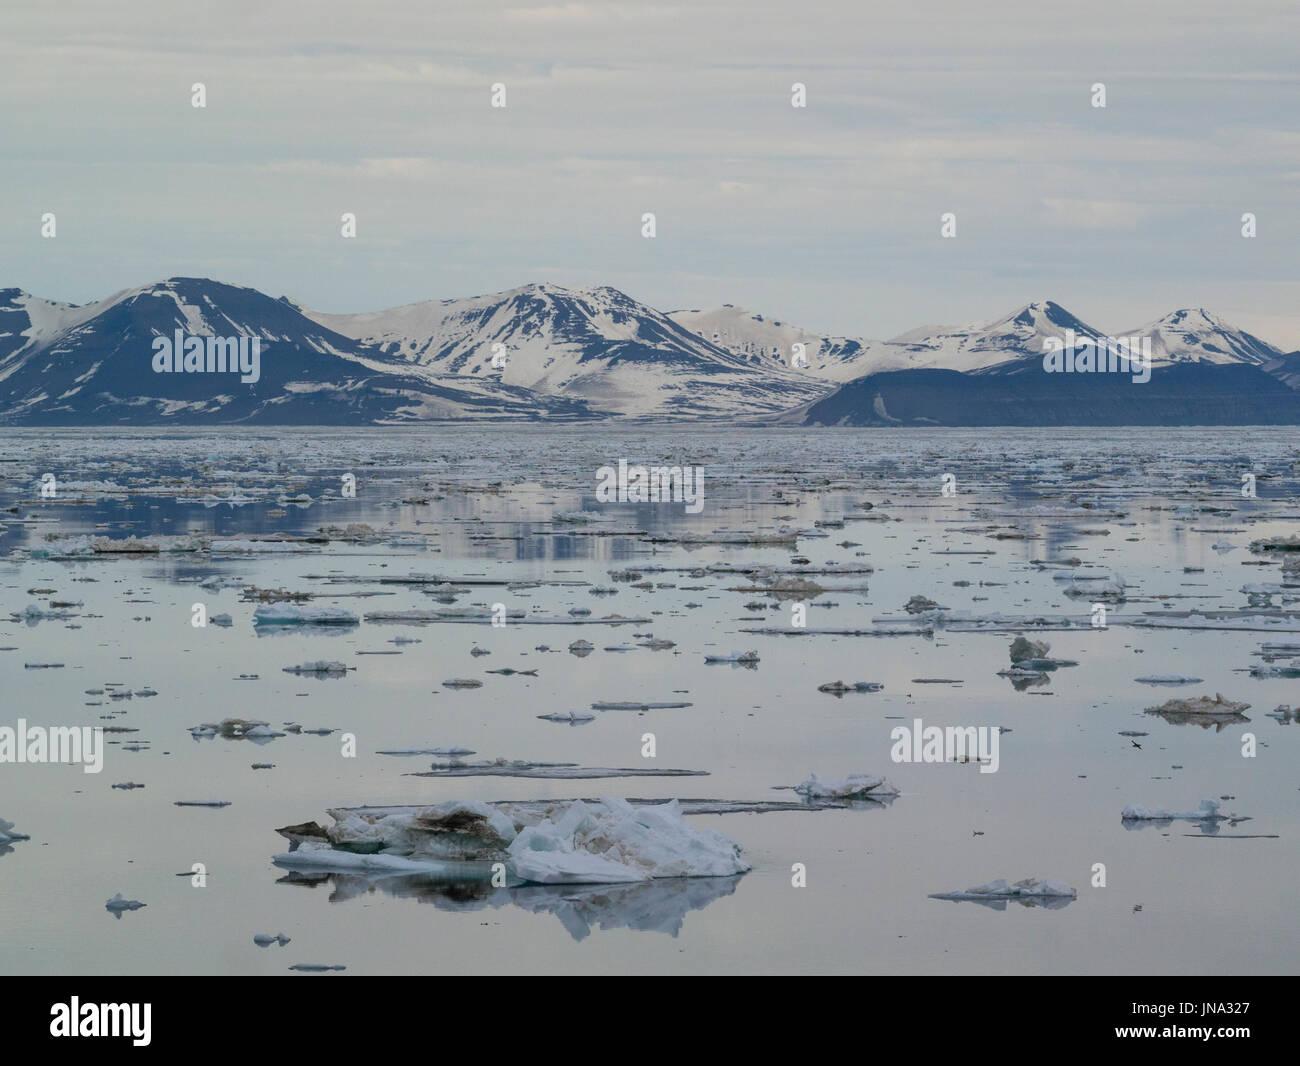 Plaques de glace couvrant les eaux de la grande baie marine Storfjorden entre l'île du Spitzberg à l'ouest et les îles de Barentsøya et Edgeøya à l'Est Photo Stock